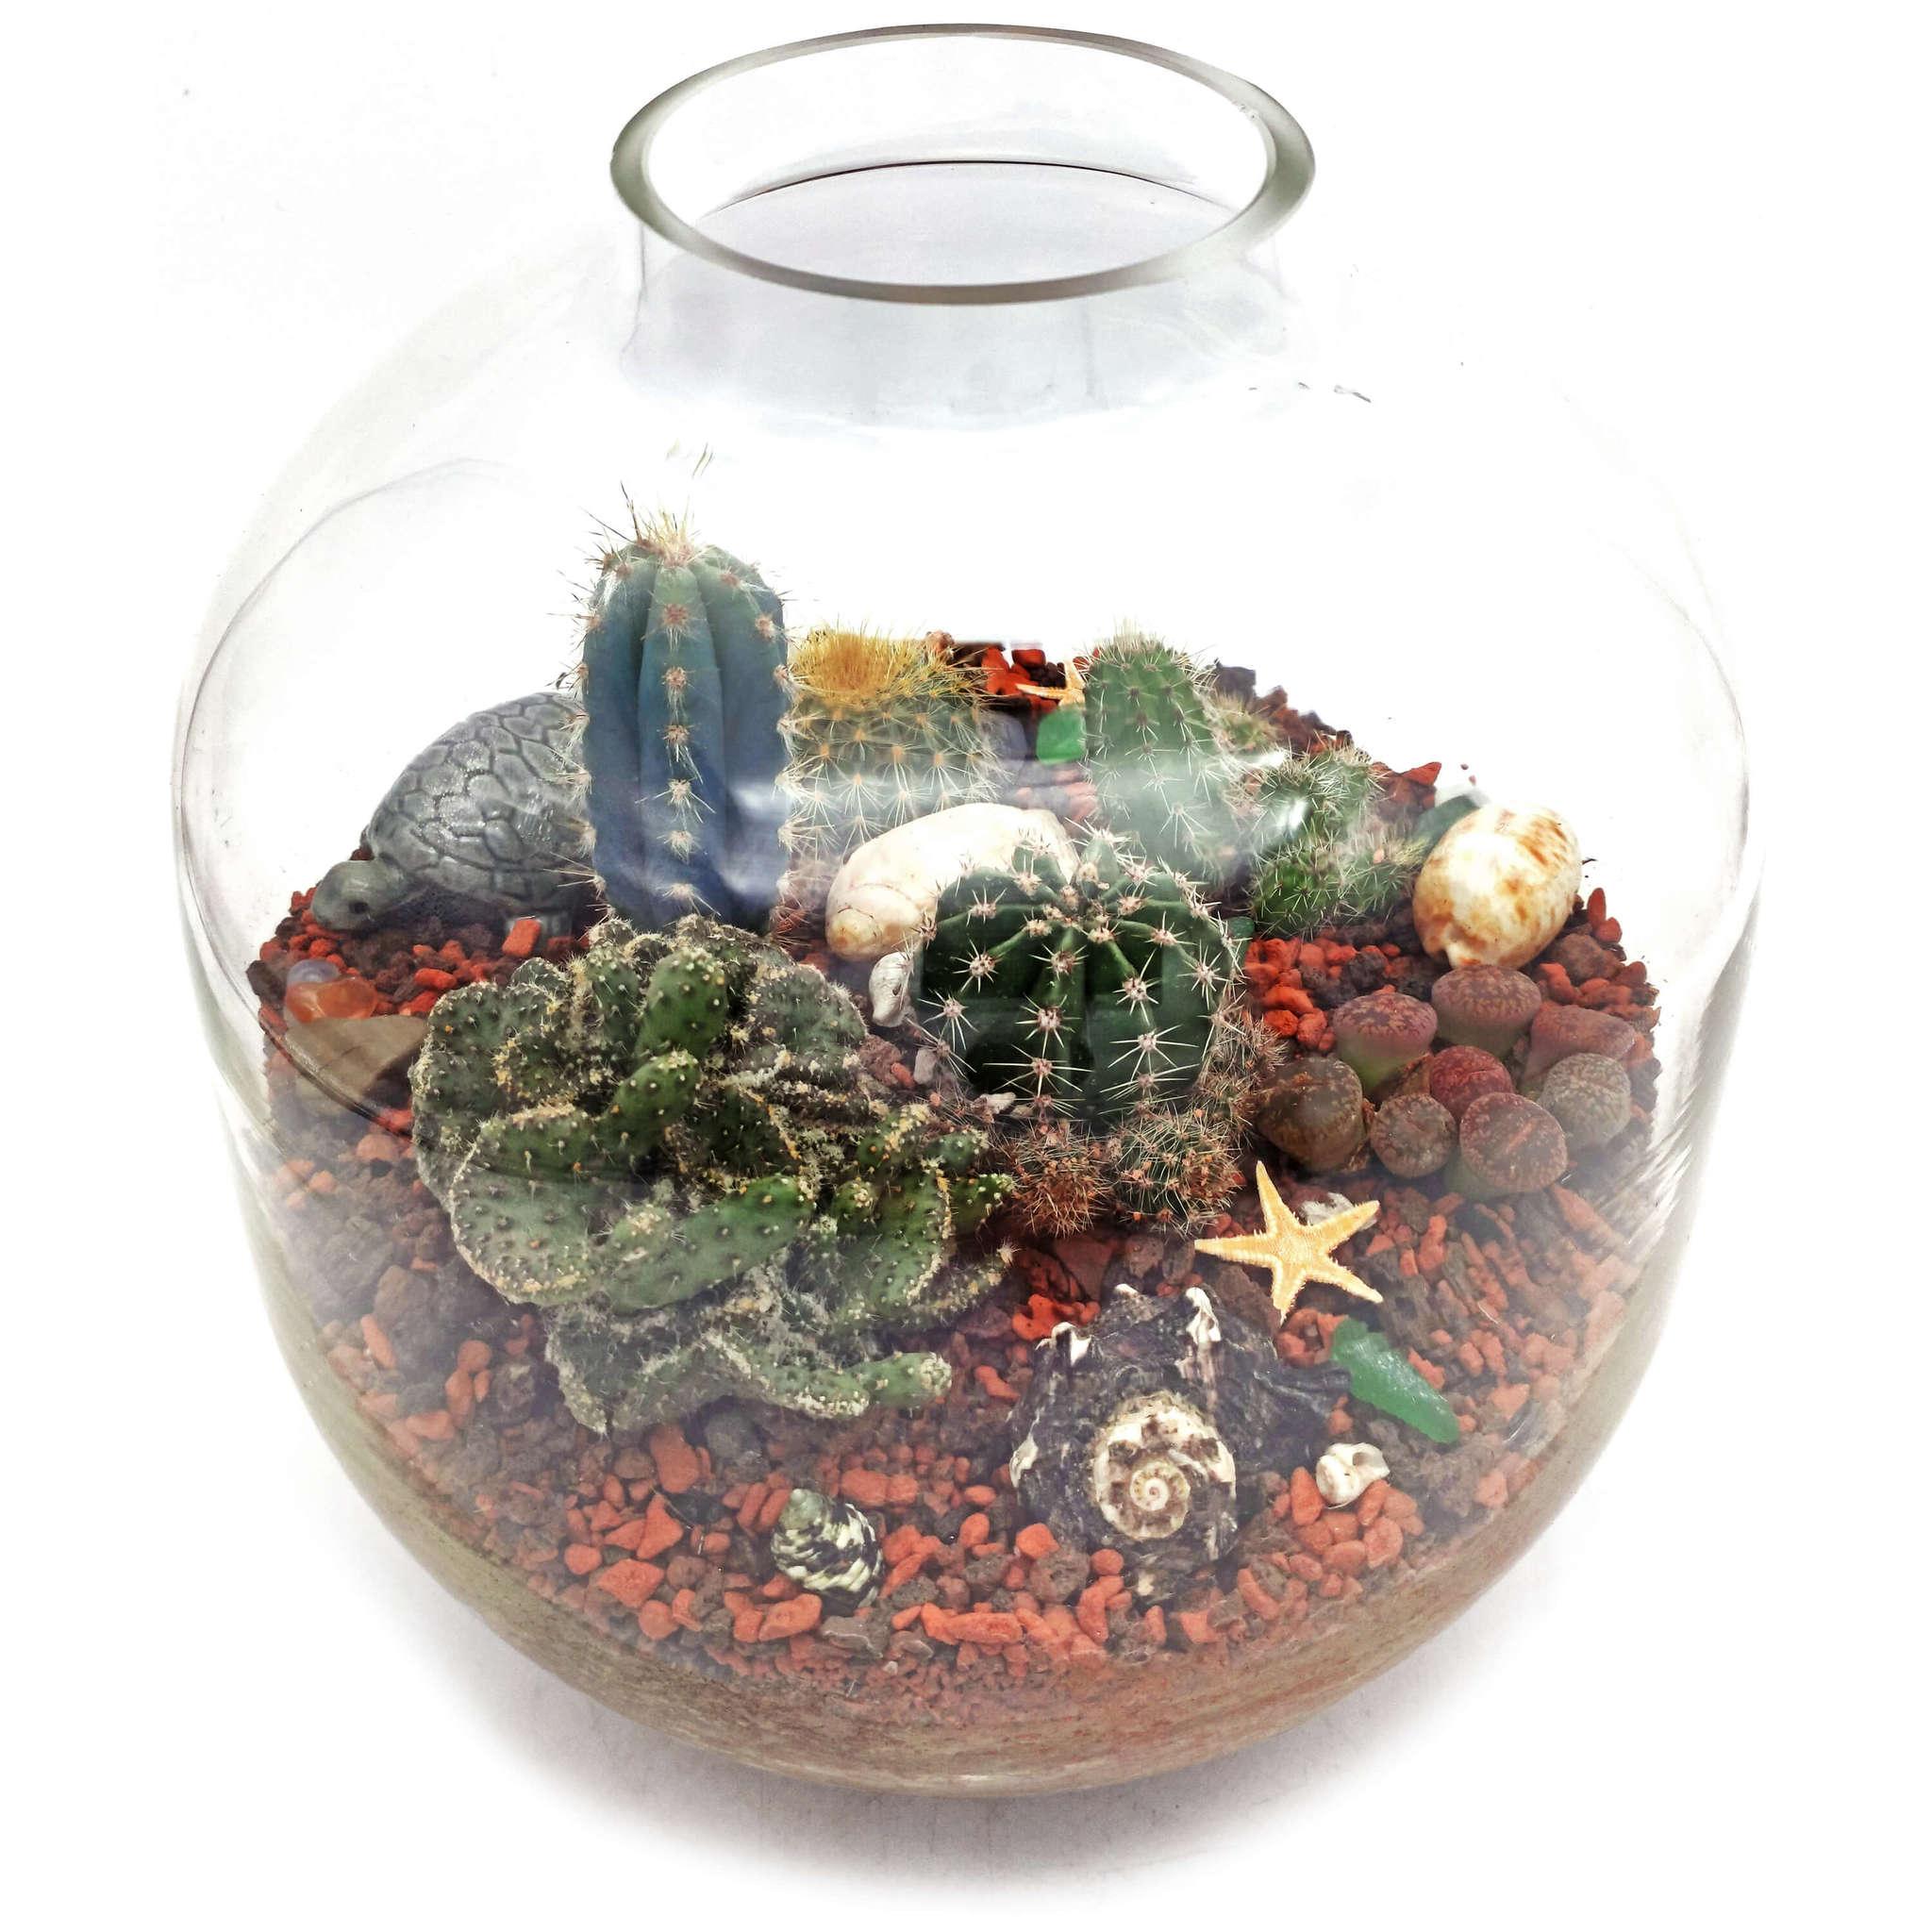 Композиция с живыми кактусами в стекле